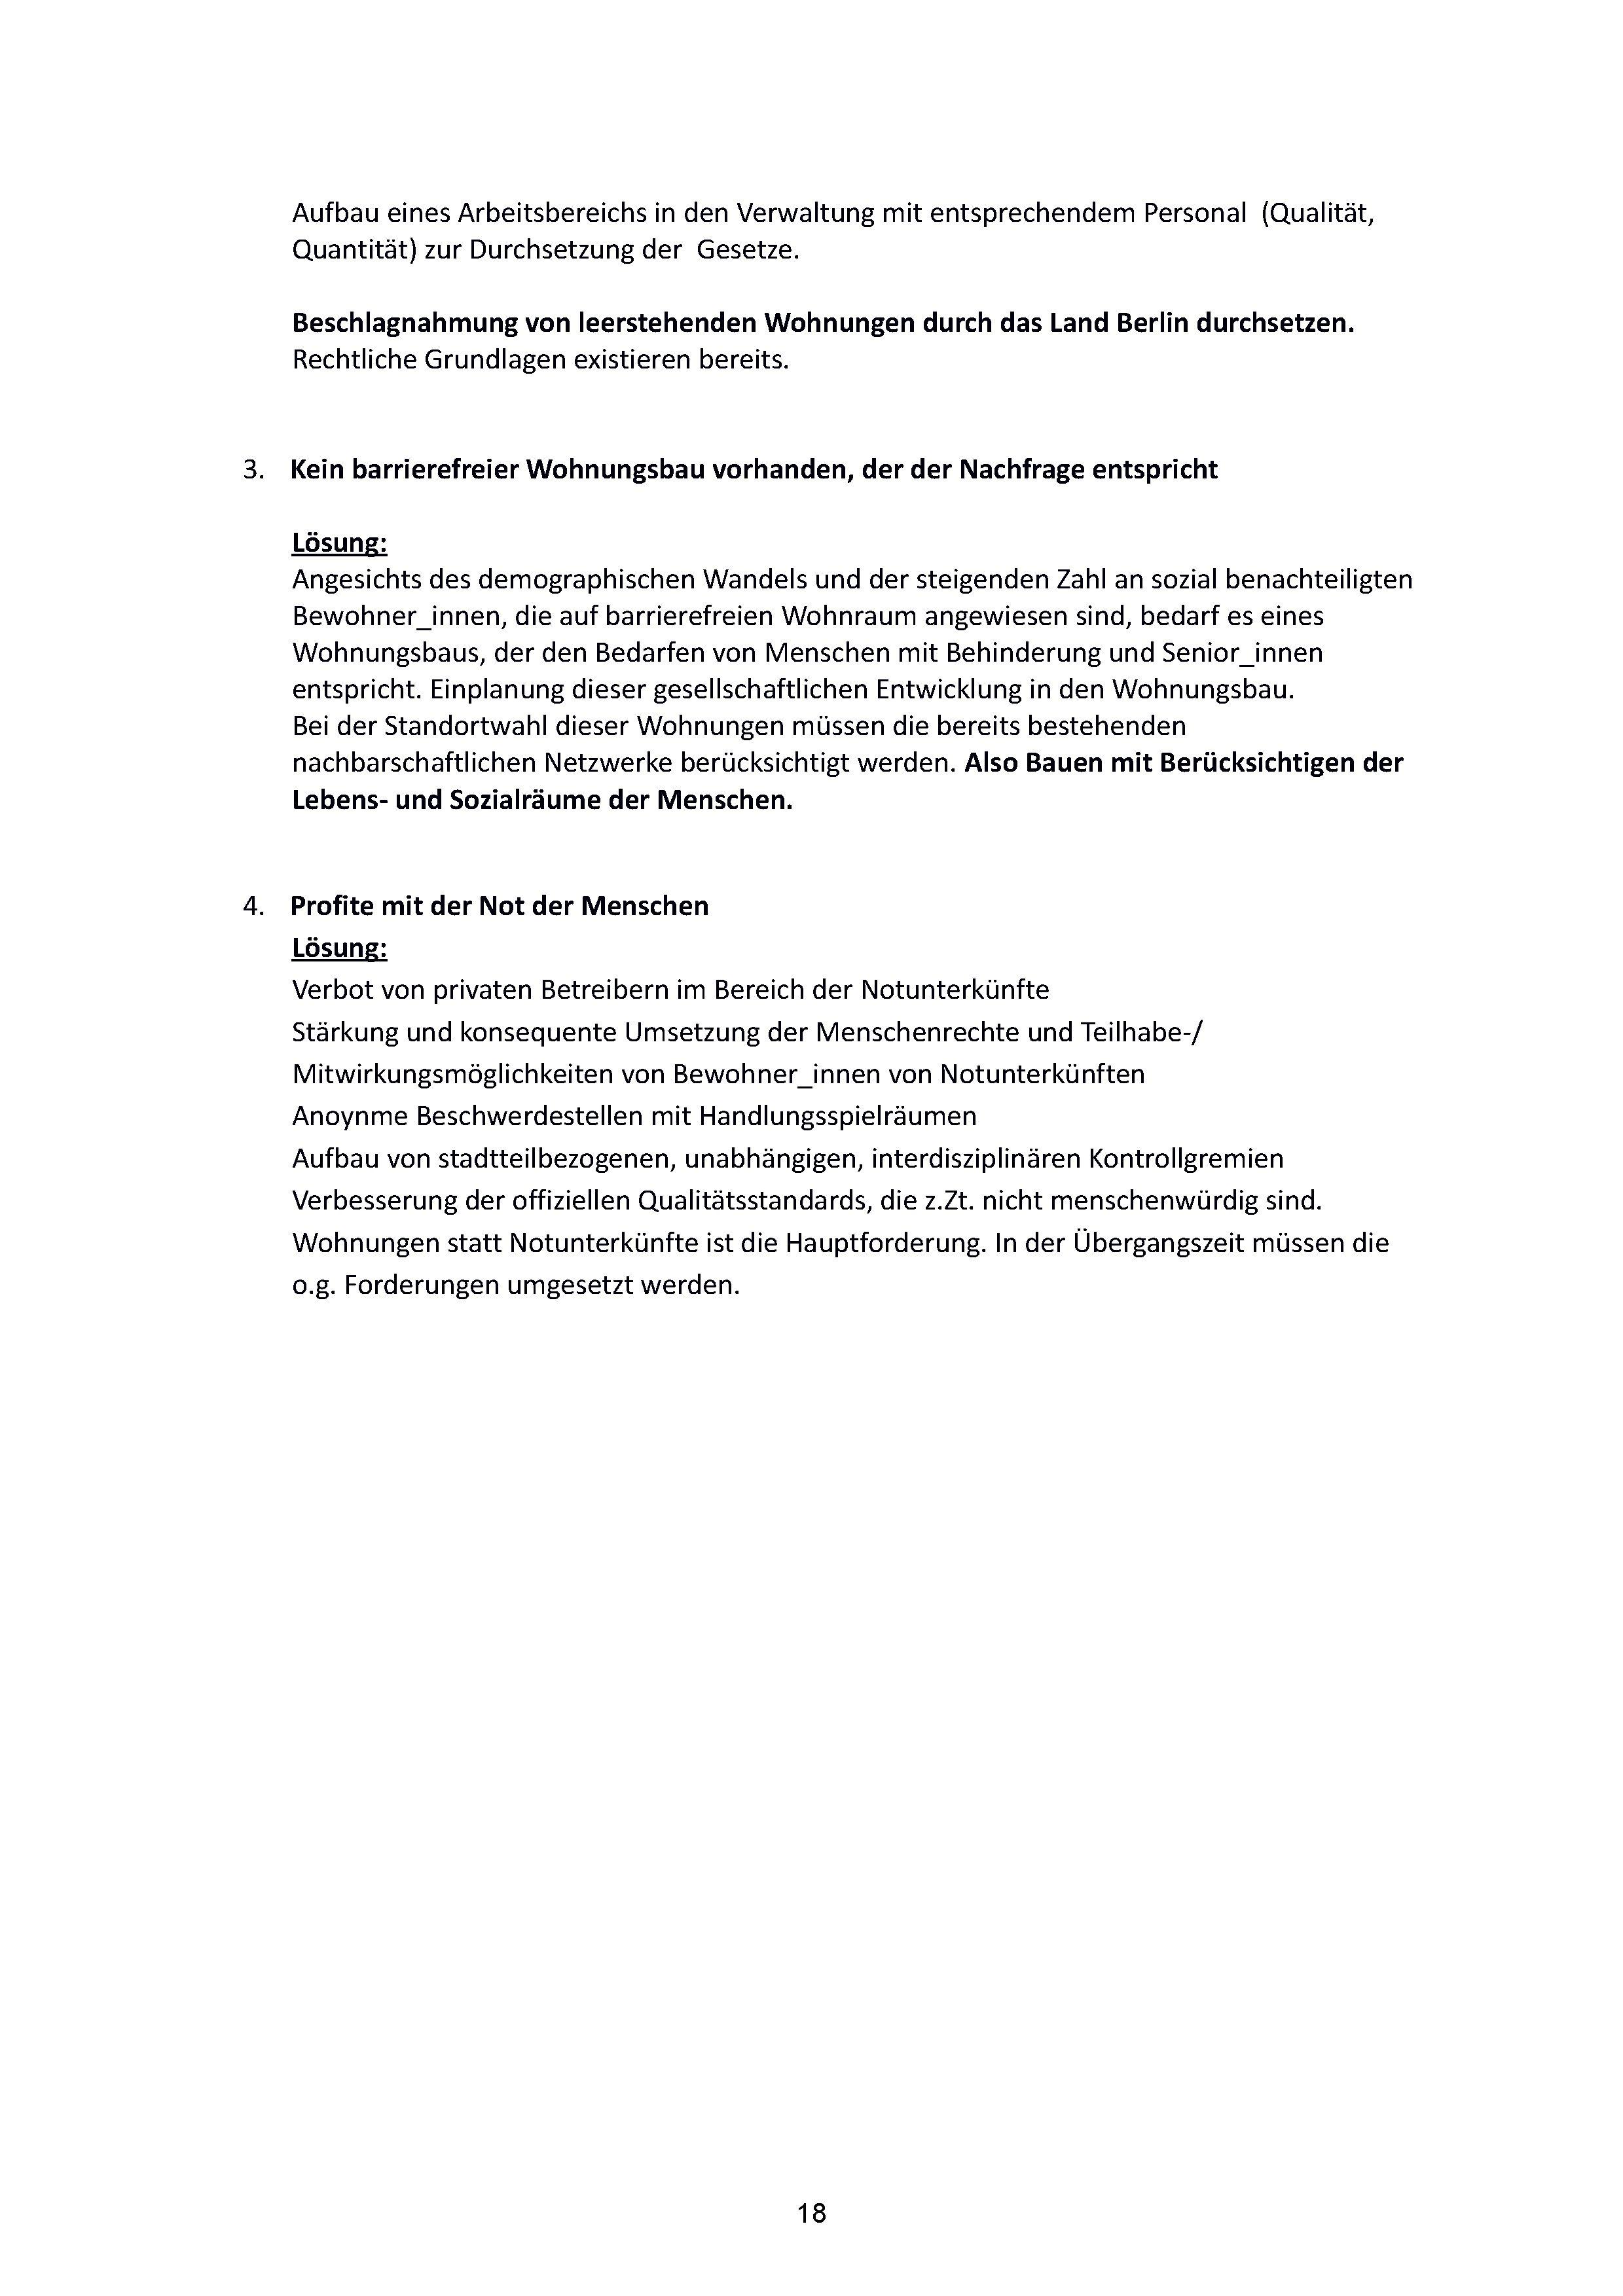 stadtpolitisches_hearing_021116_pressemappe1_seite_19